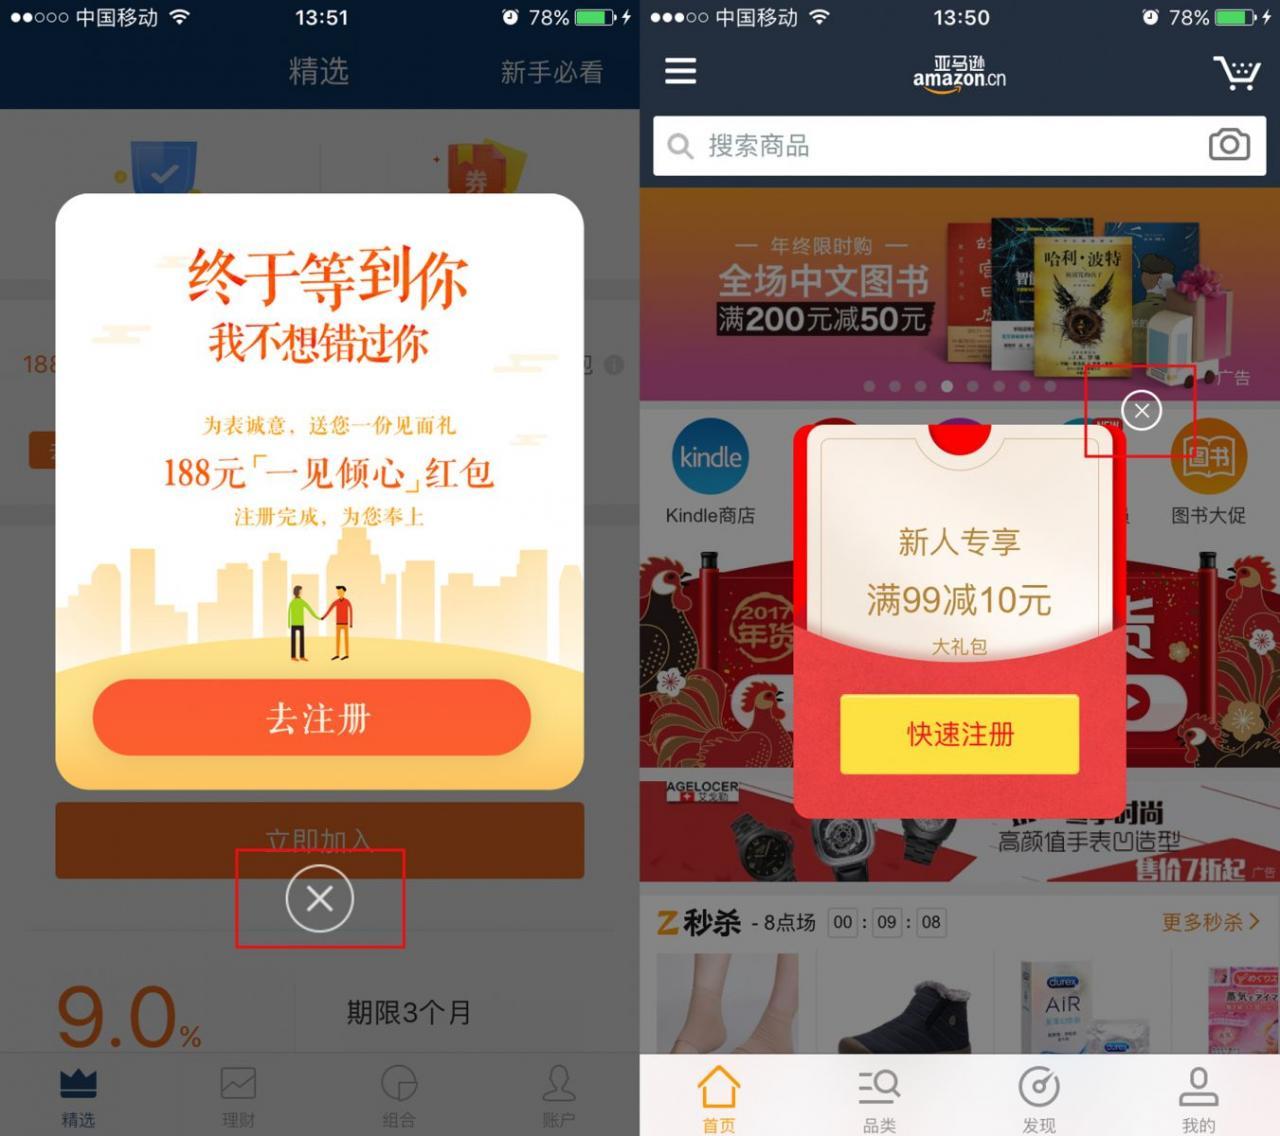 活动盒子分析了2个渠道9大推广位,让app推广更得心应手